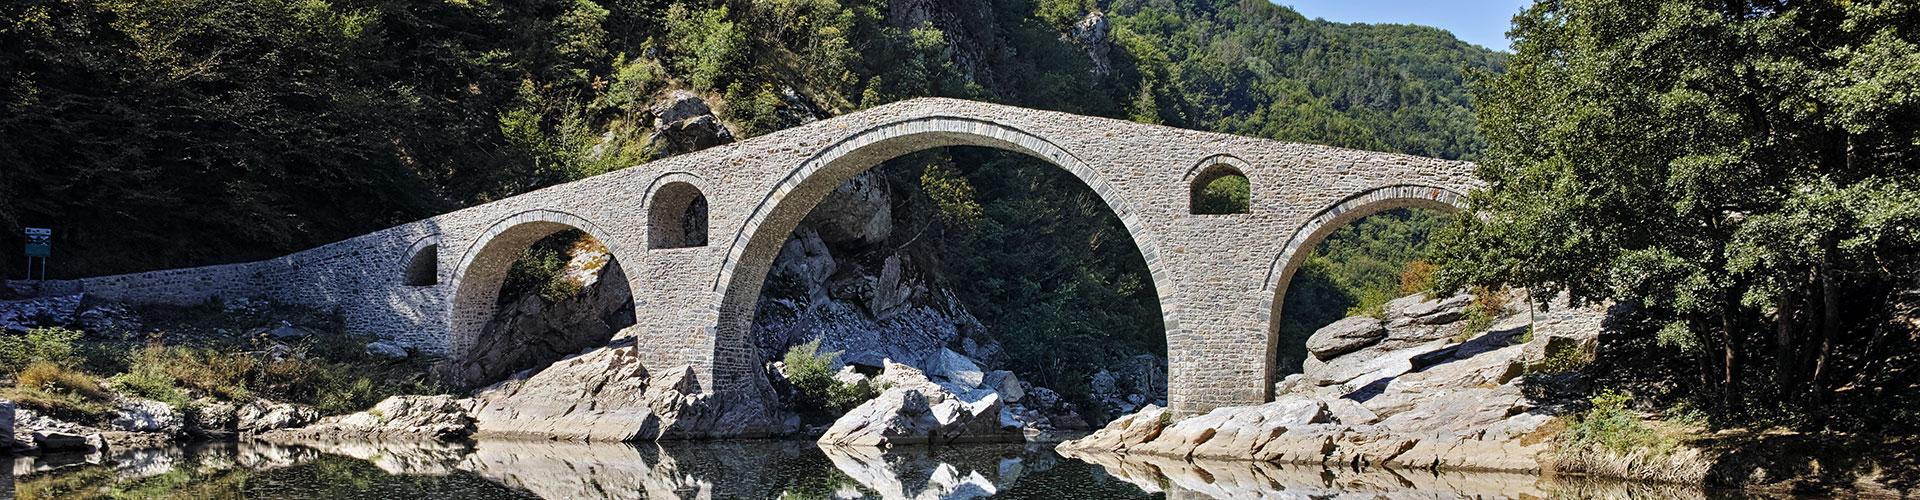 bridge-bg